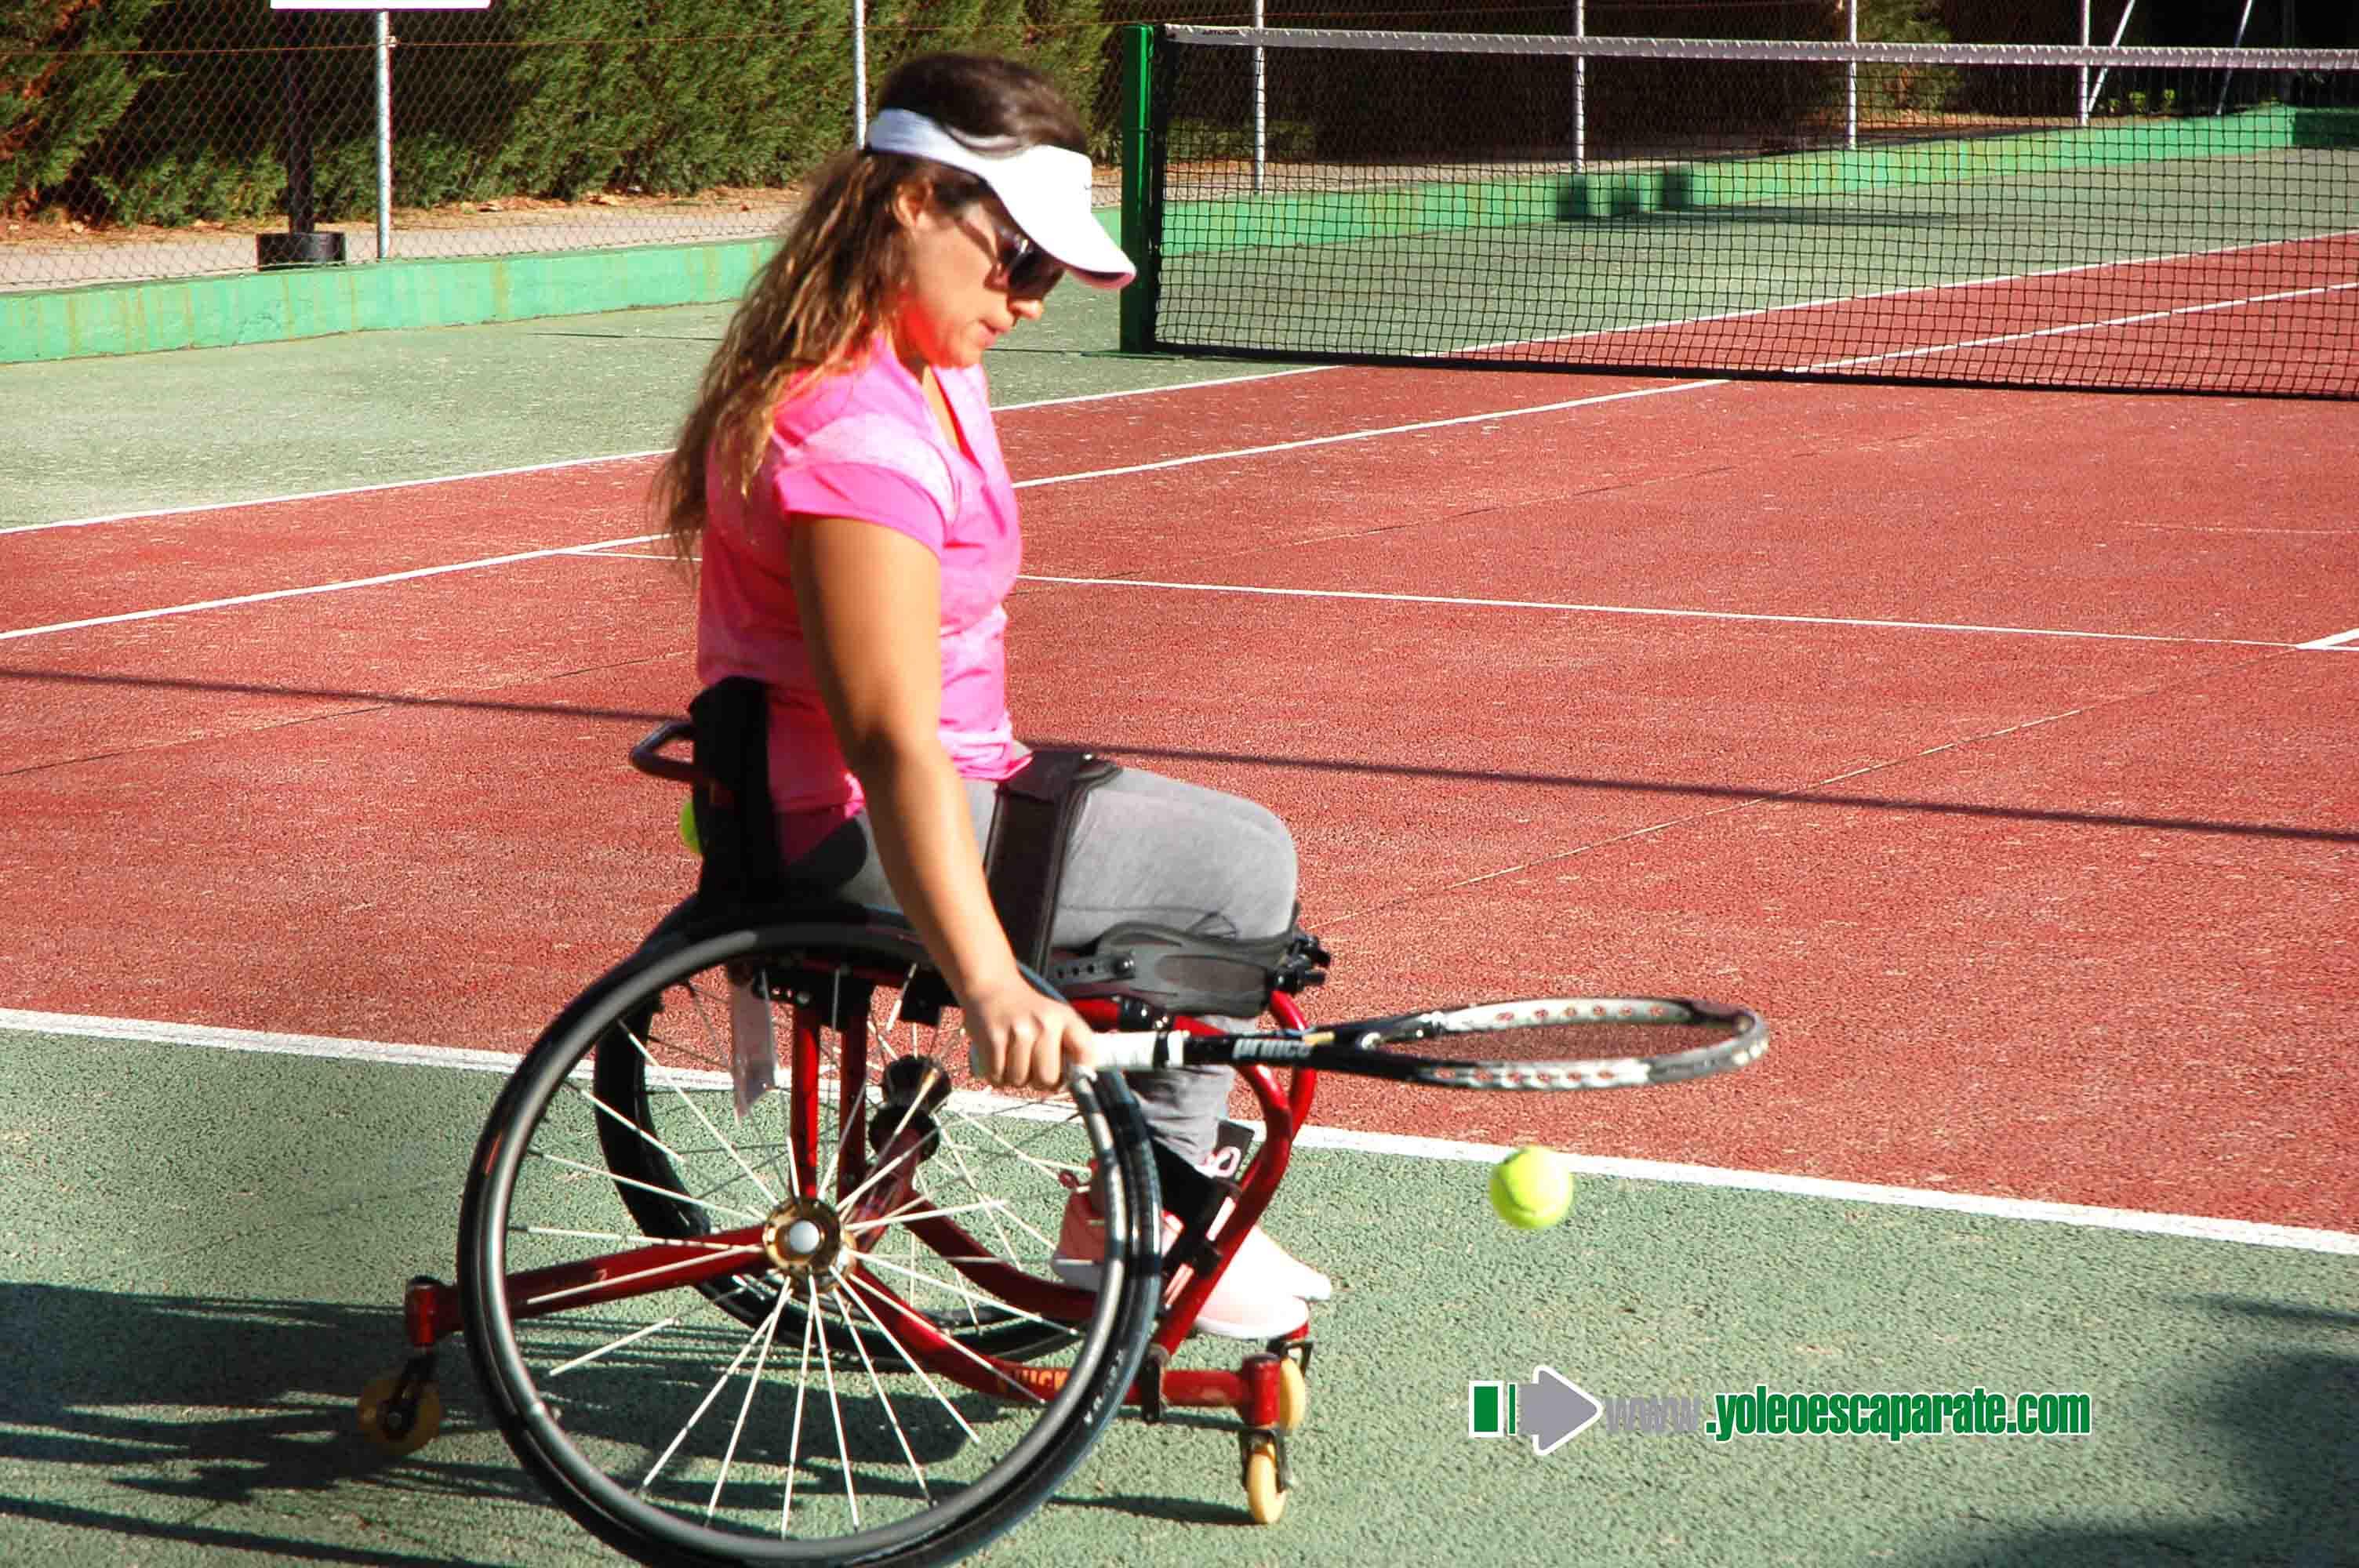 Galeria Campeonato de Espa a de tenis de sillas de ruedas